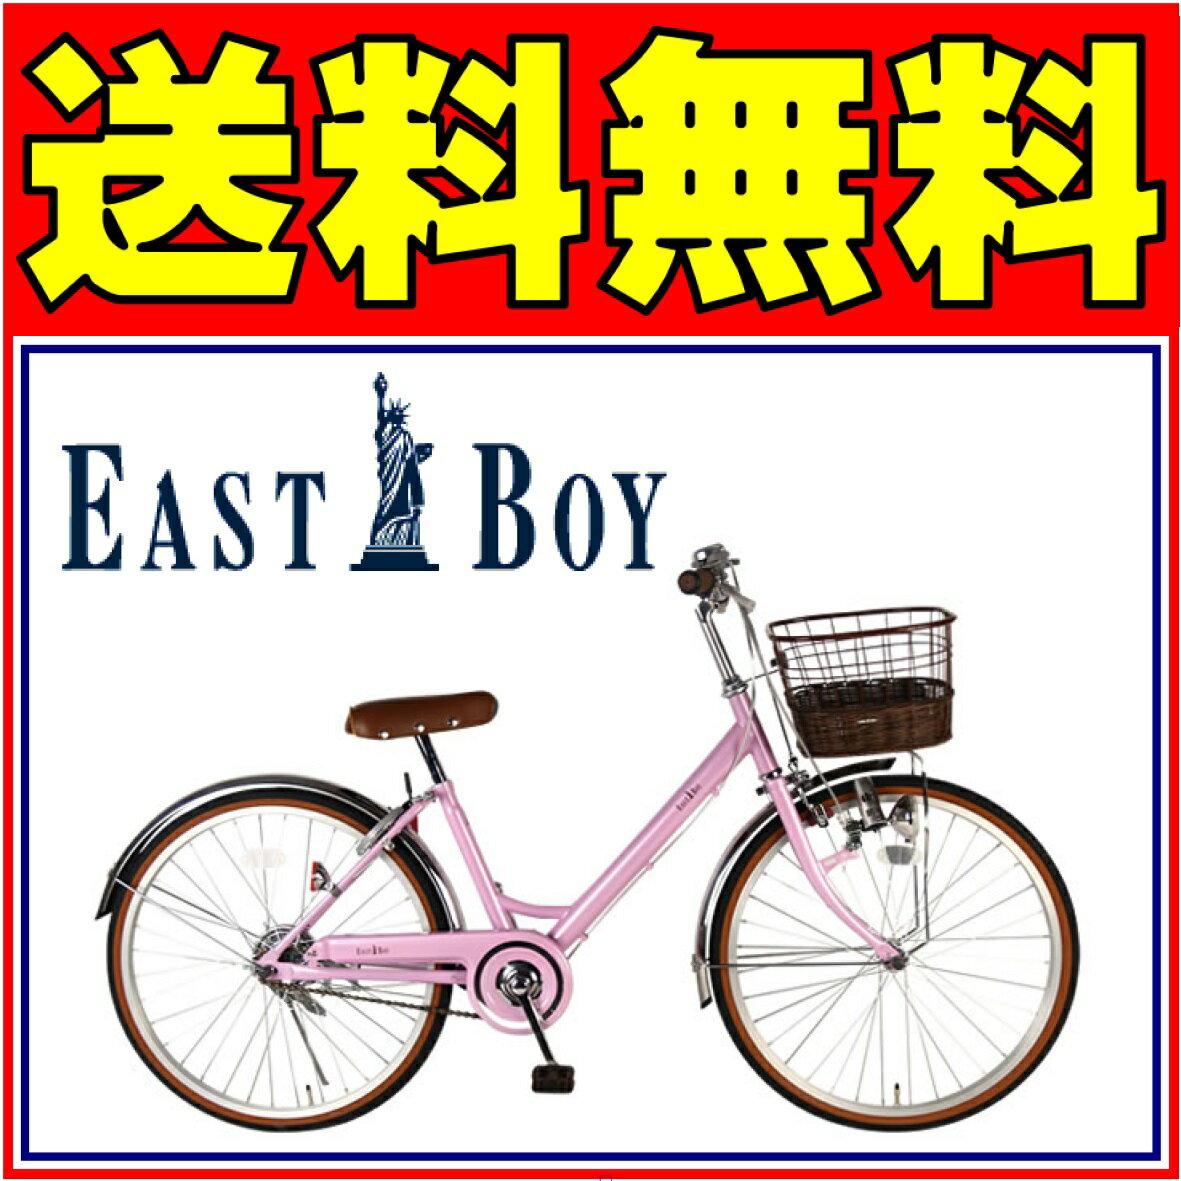 <関東限定特別価格>自転車 LEDダイナモライトイーストボーイ 22インチ <小学校高学年から乗れる>ジュニアシティ  ラベンダー シティサイクル 自転車 イーストボーイ EASTBOY 送料無料 女の子 クリスマス